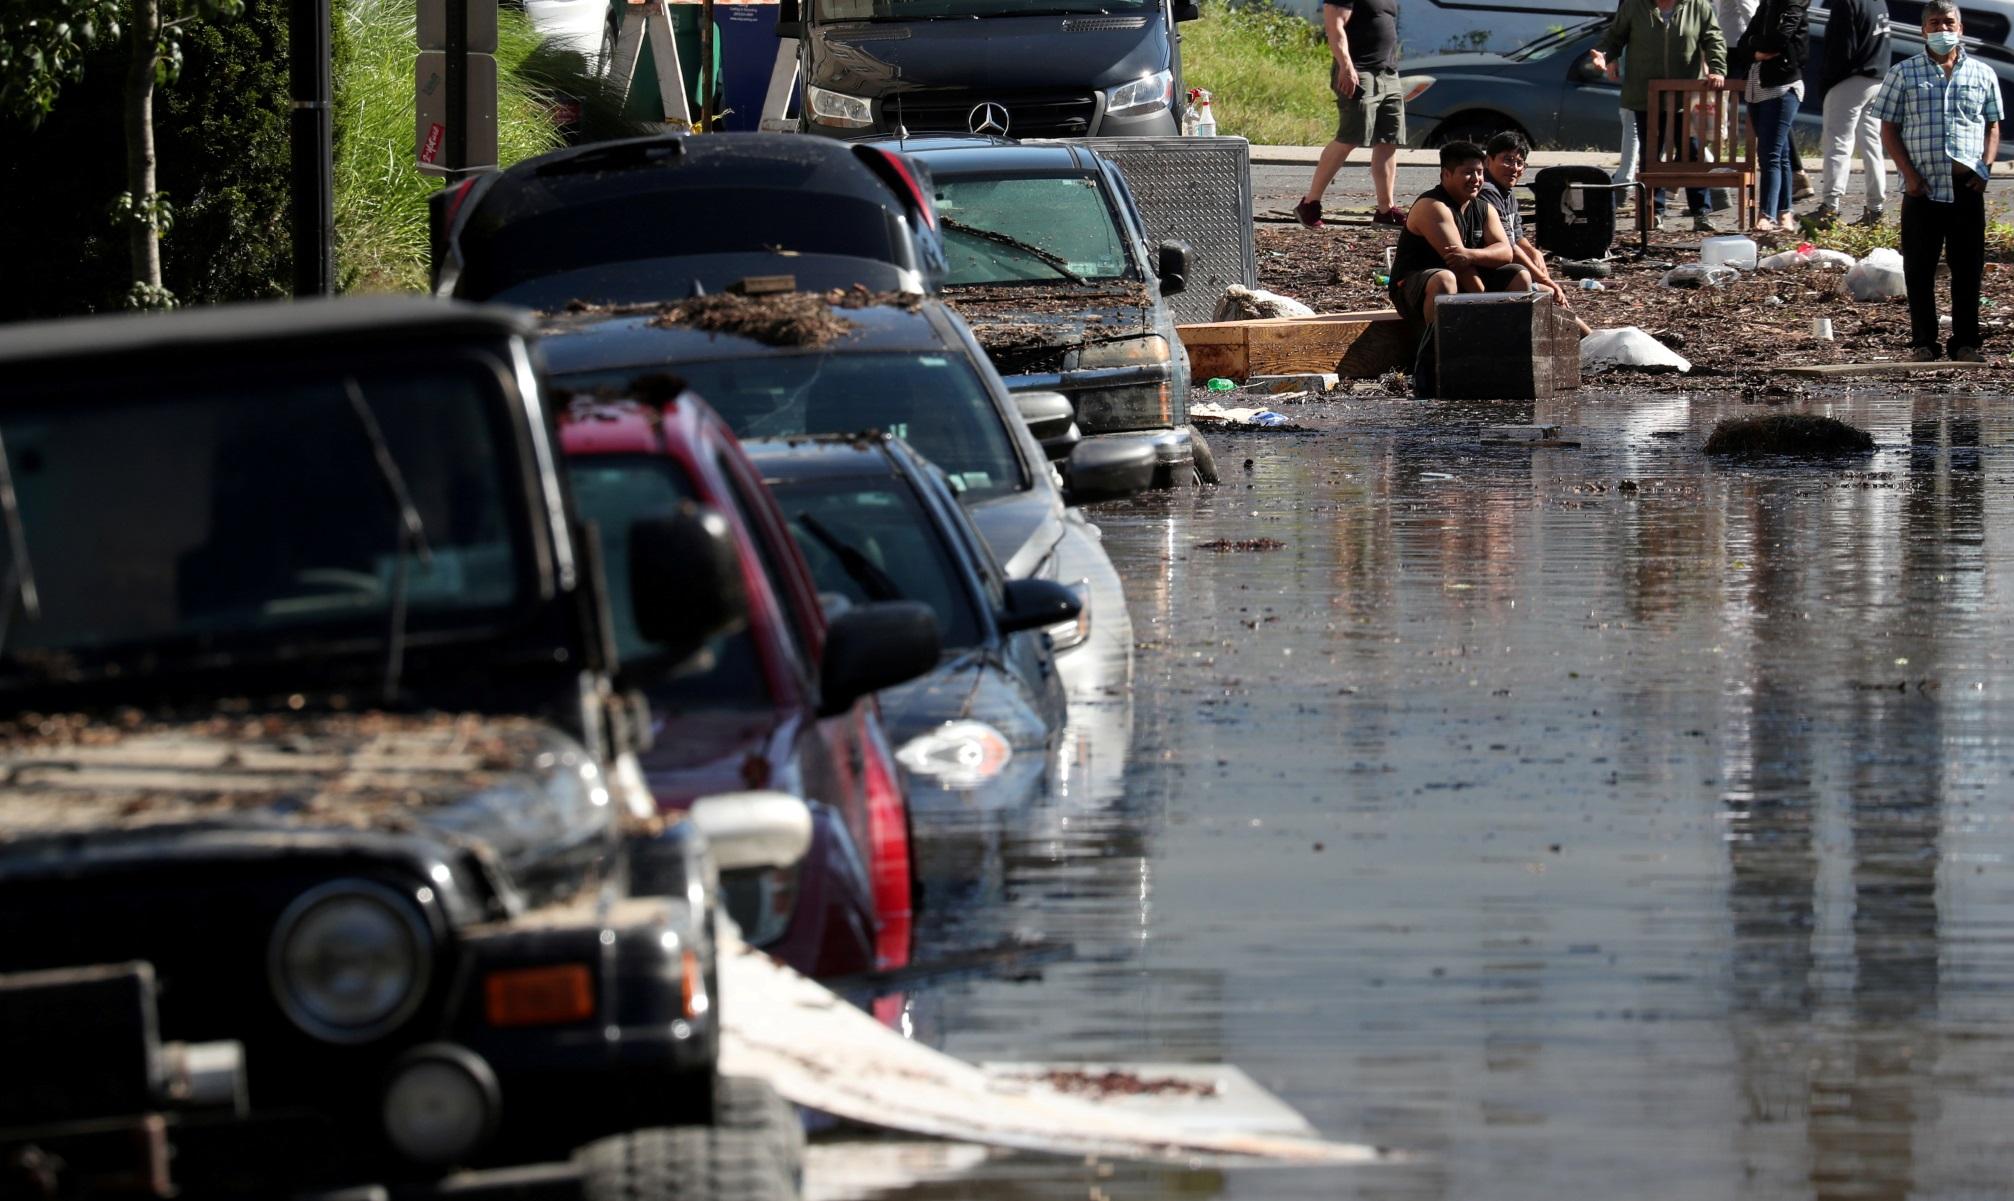 ΗΠΑ: «Τουλάχιστον 22 οι νεκροί» από τη σφοδρή κακοκαιρία – Πλημμύρισαν Νέα Υόρκη και Νιου Τζέρσι